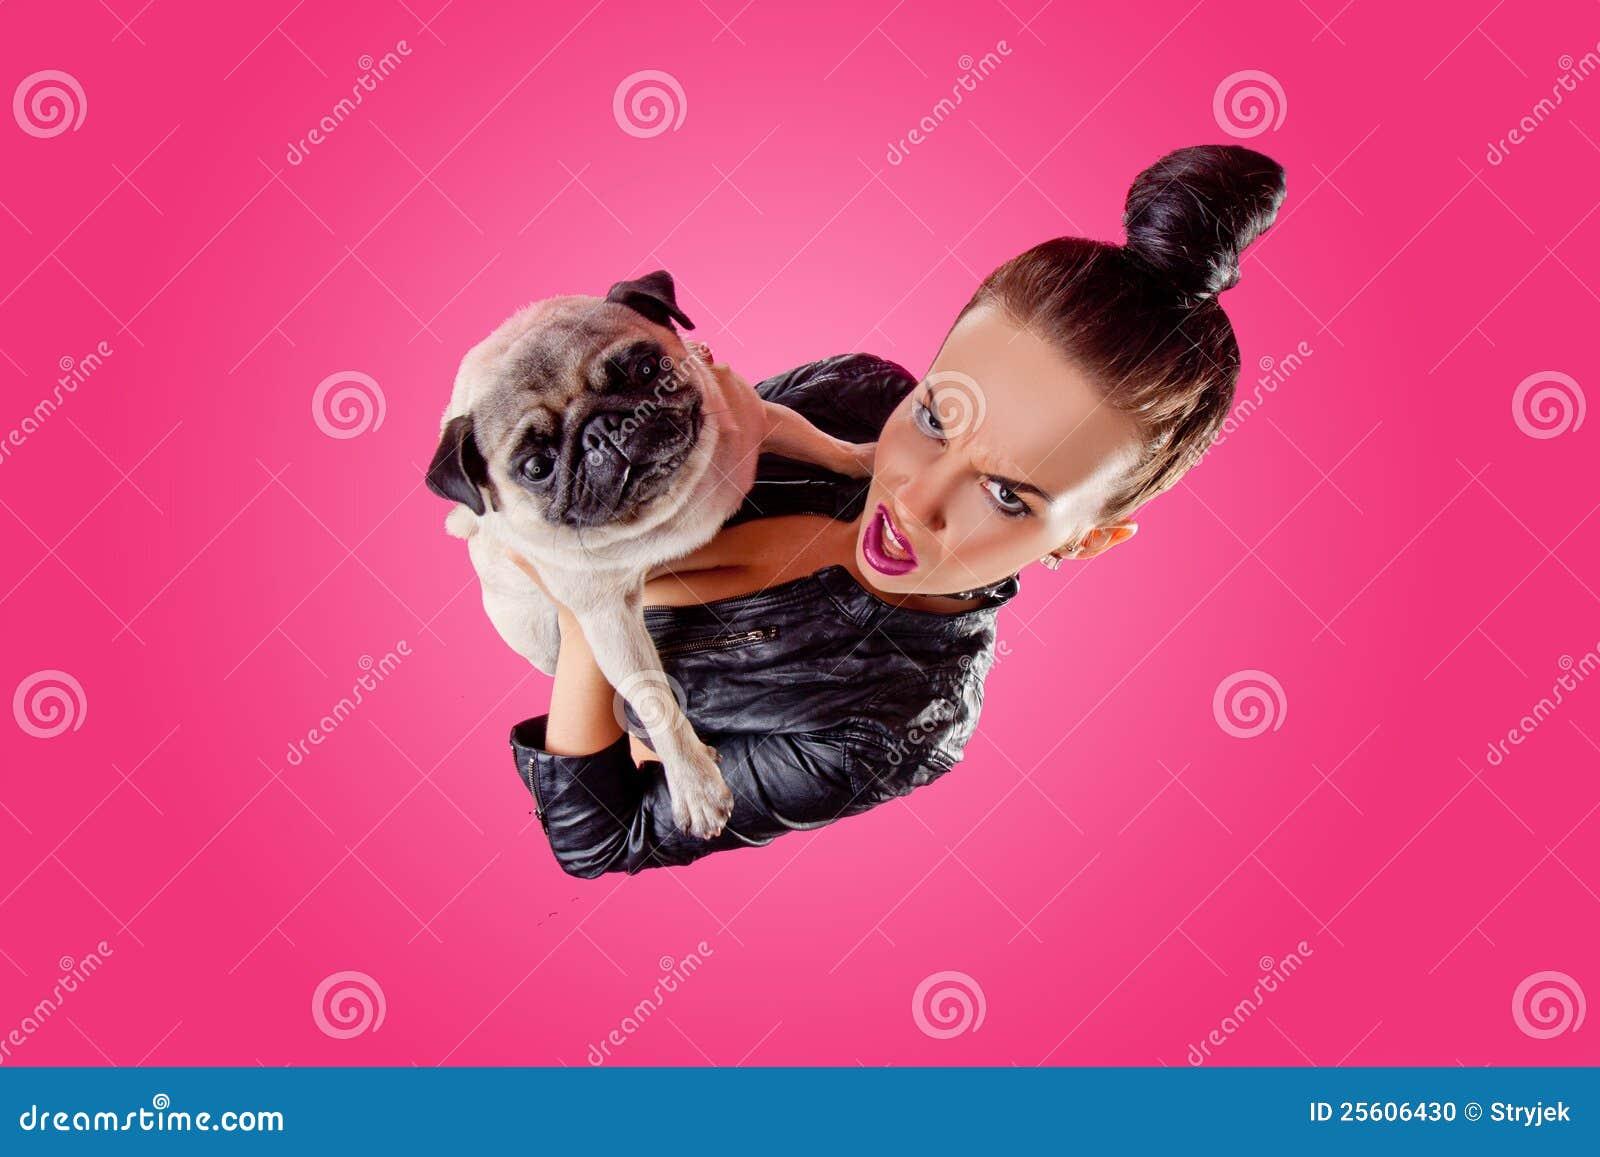 Obenliegende Ansicht der Frau mit Pug